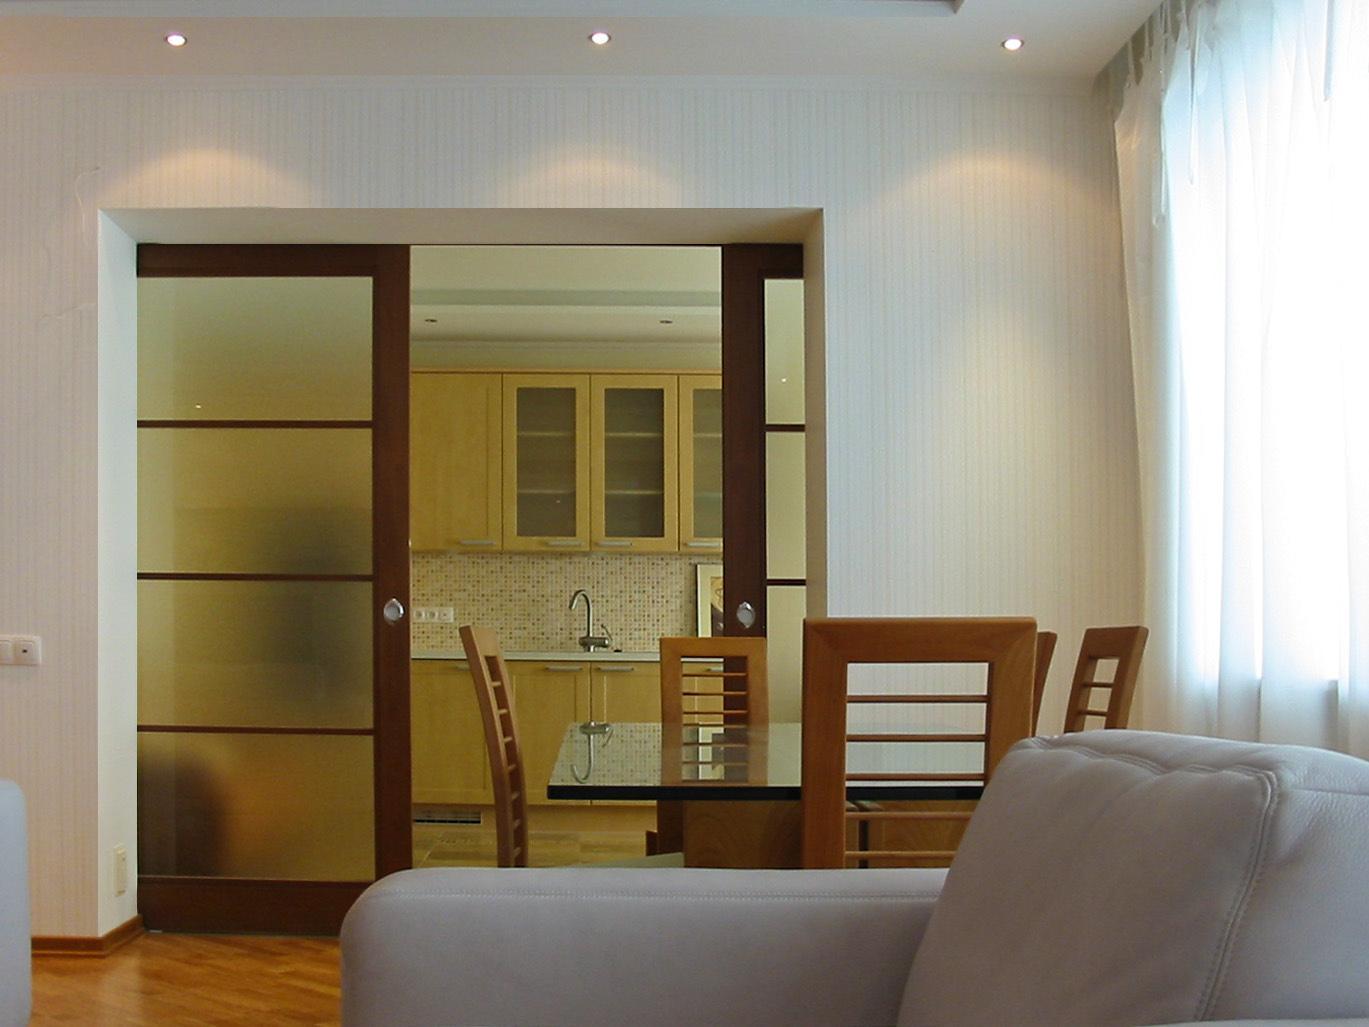 Перепланировка квартиры: просто добавить дверь